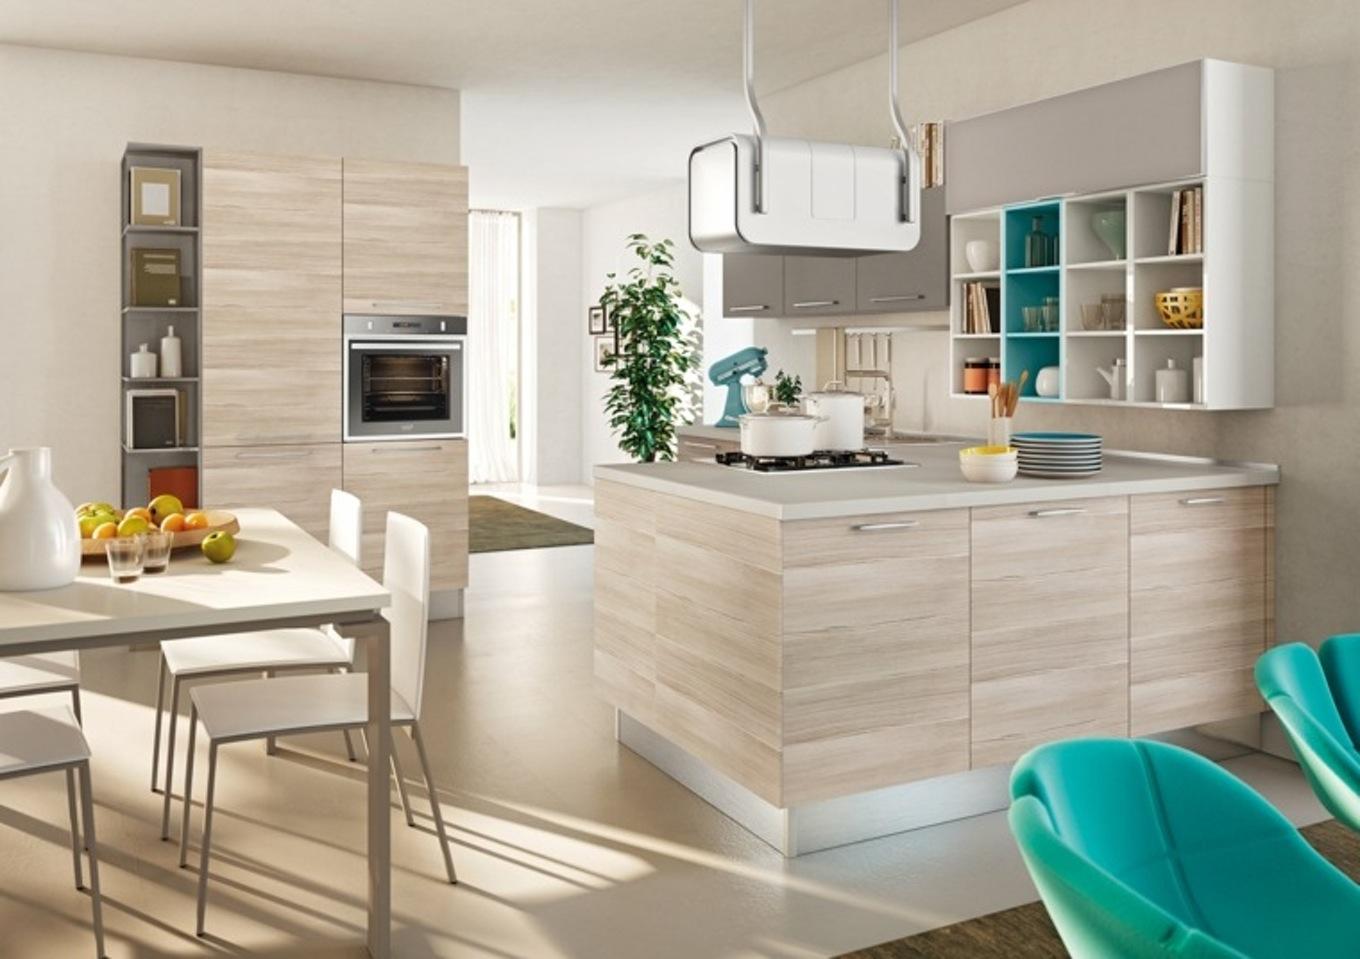 Deco cuisine bois et noir maison et mobilier - Cuisine en bois blanc ...